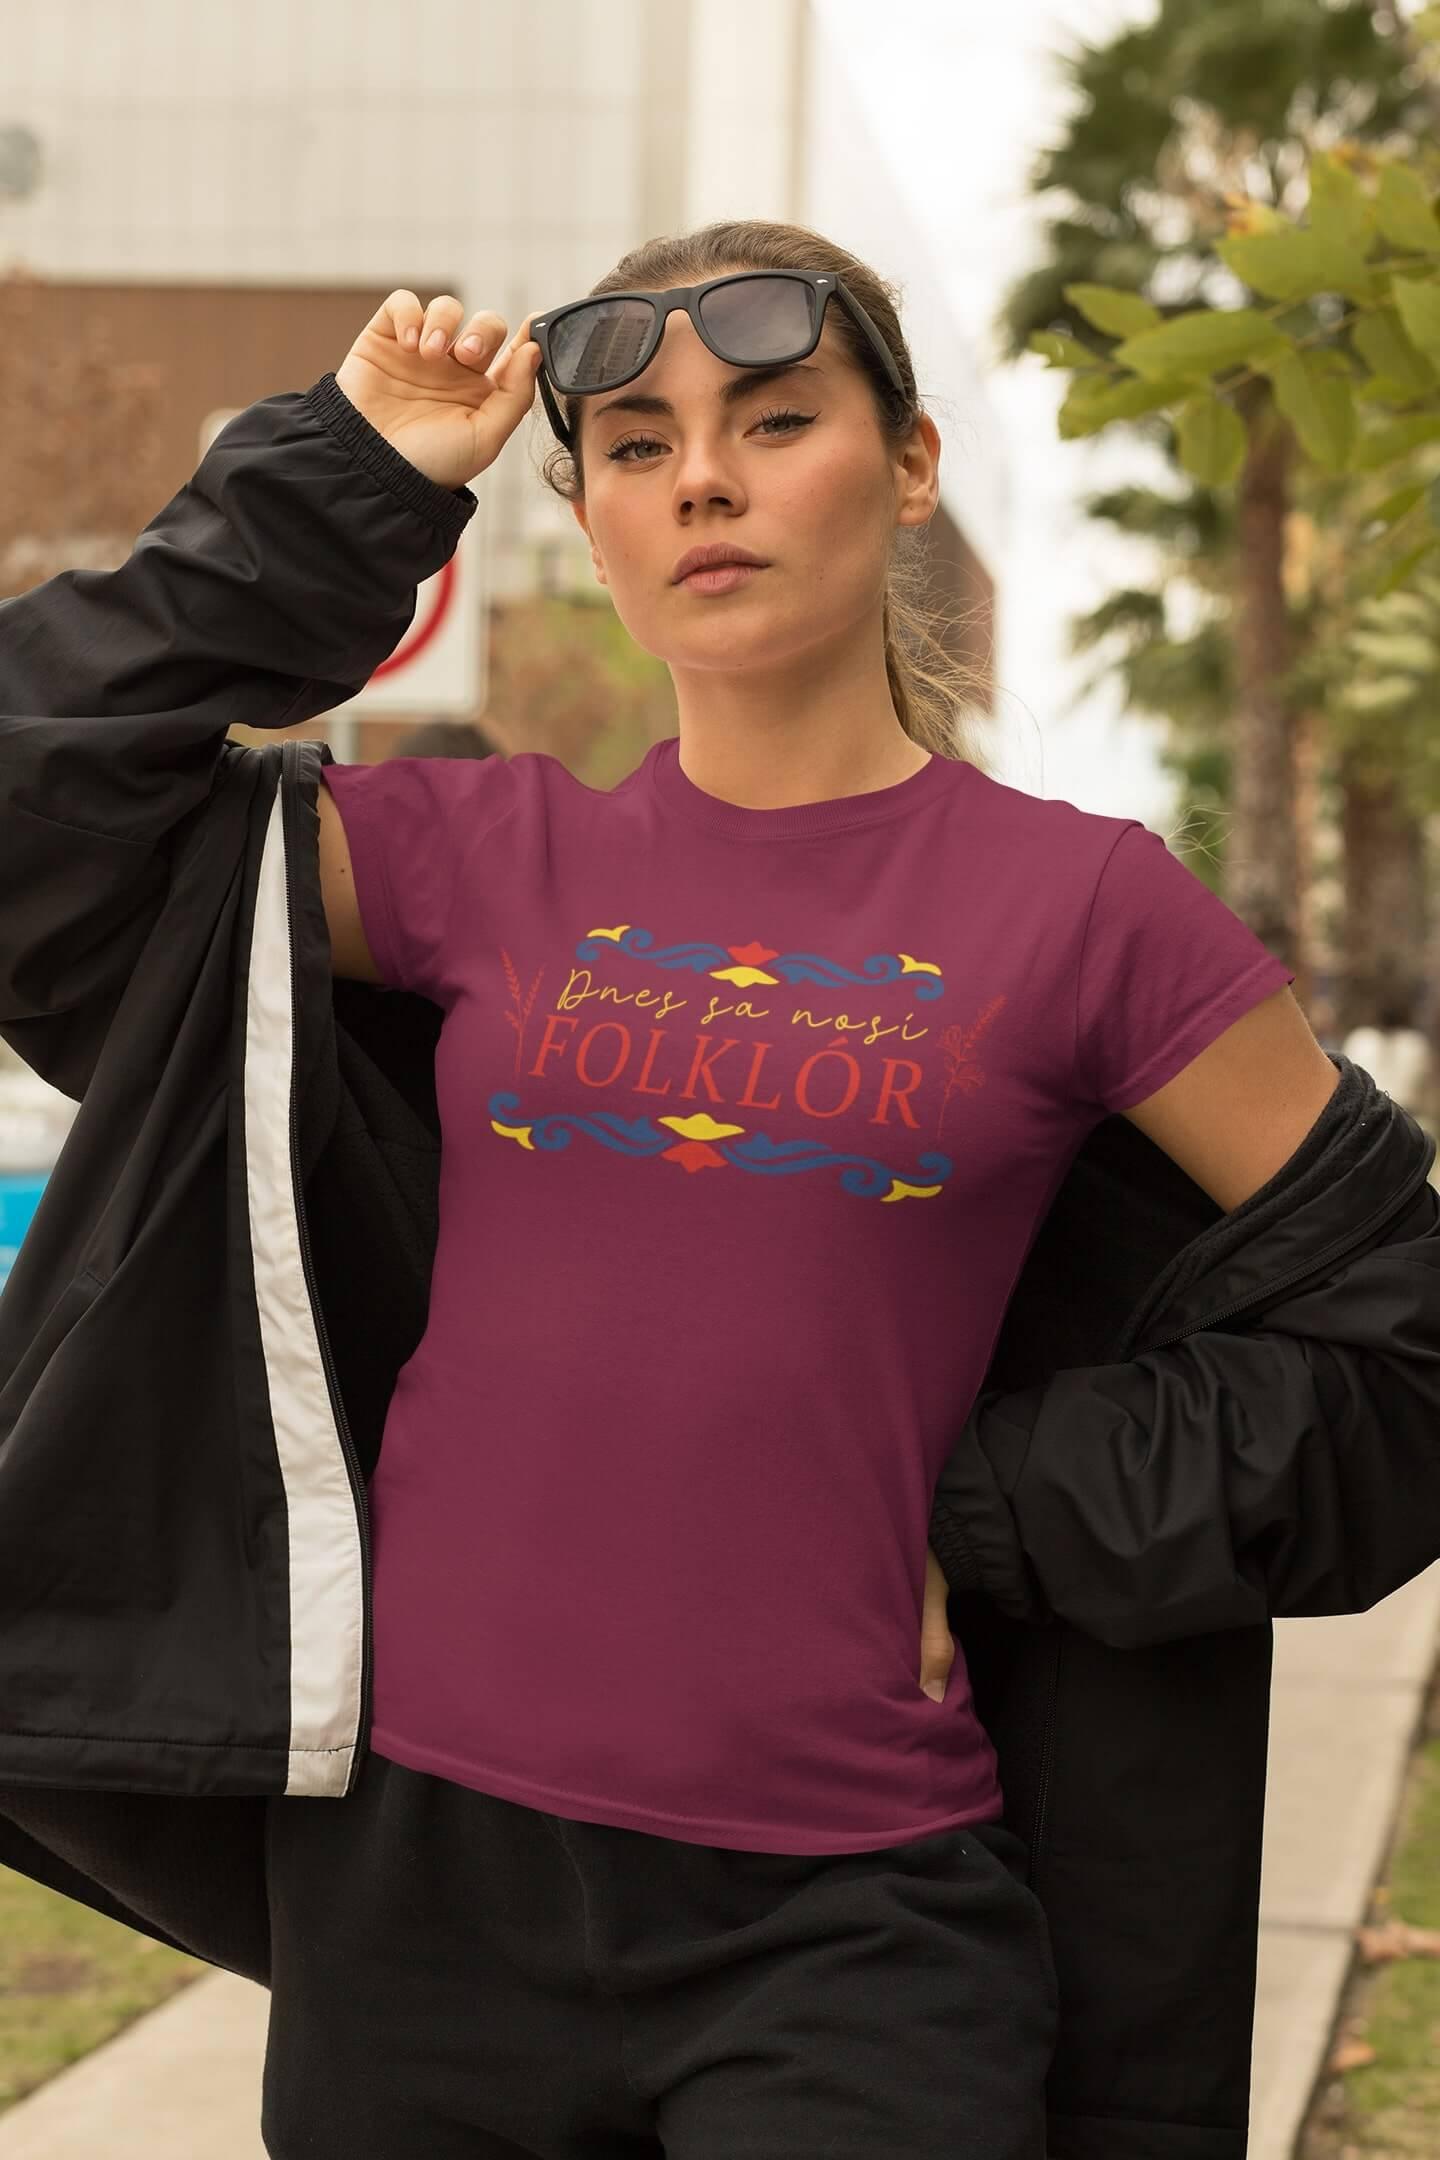 MMO Dámske tričko dnes sa nosí folklór Vyberte farbu: Fuchsiovo červená, Vyberte veľkosť: S